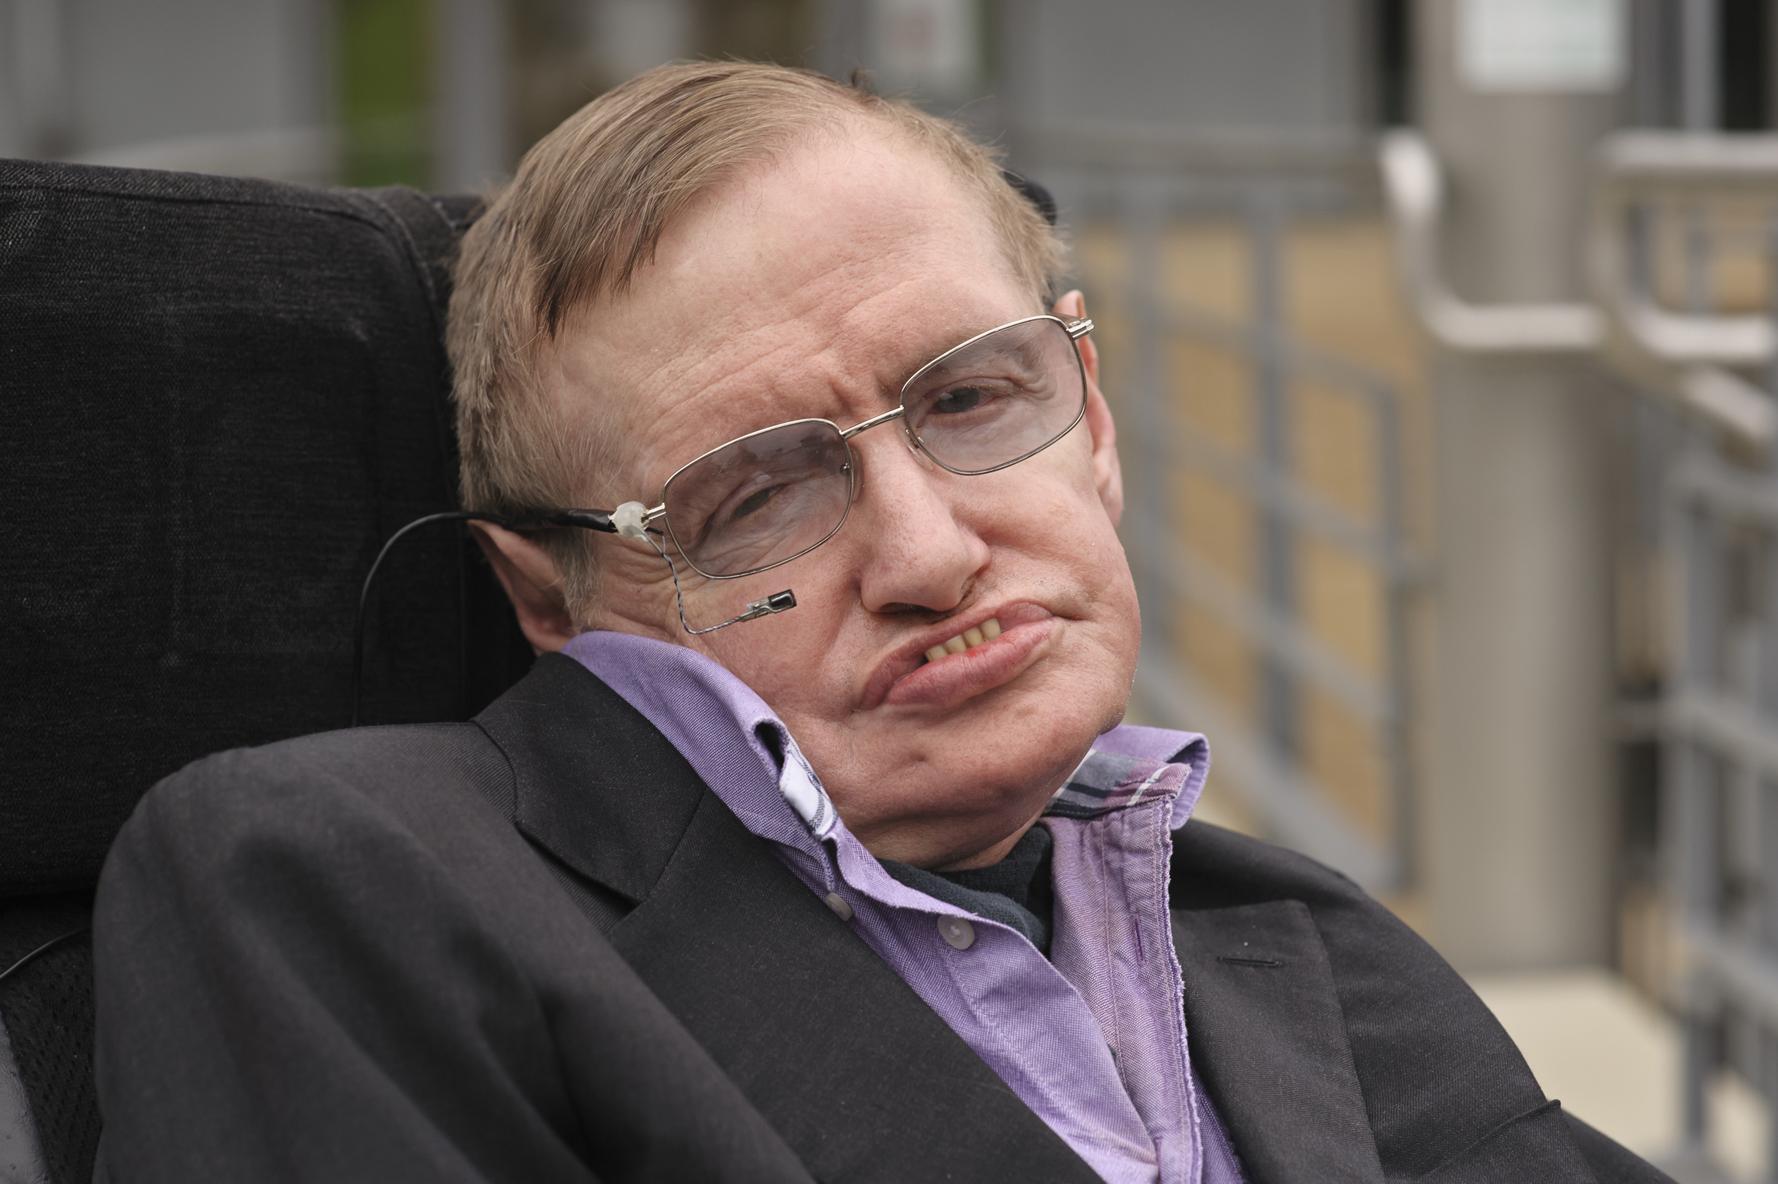 Las pertenencias de Stephen Hawking, incluyendo su silla y tesis, serán subastadas